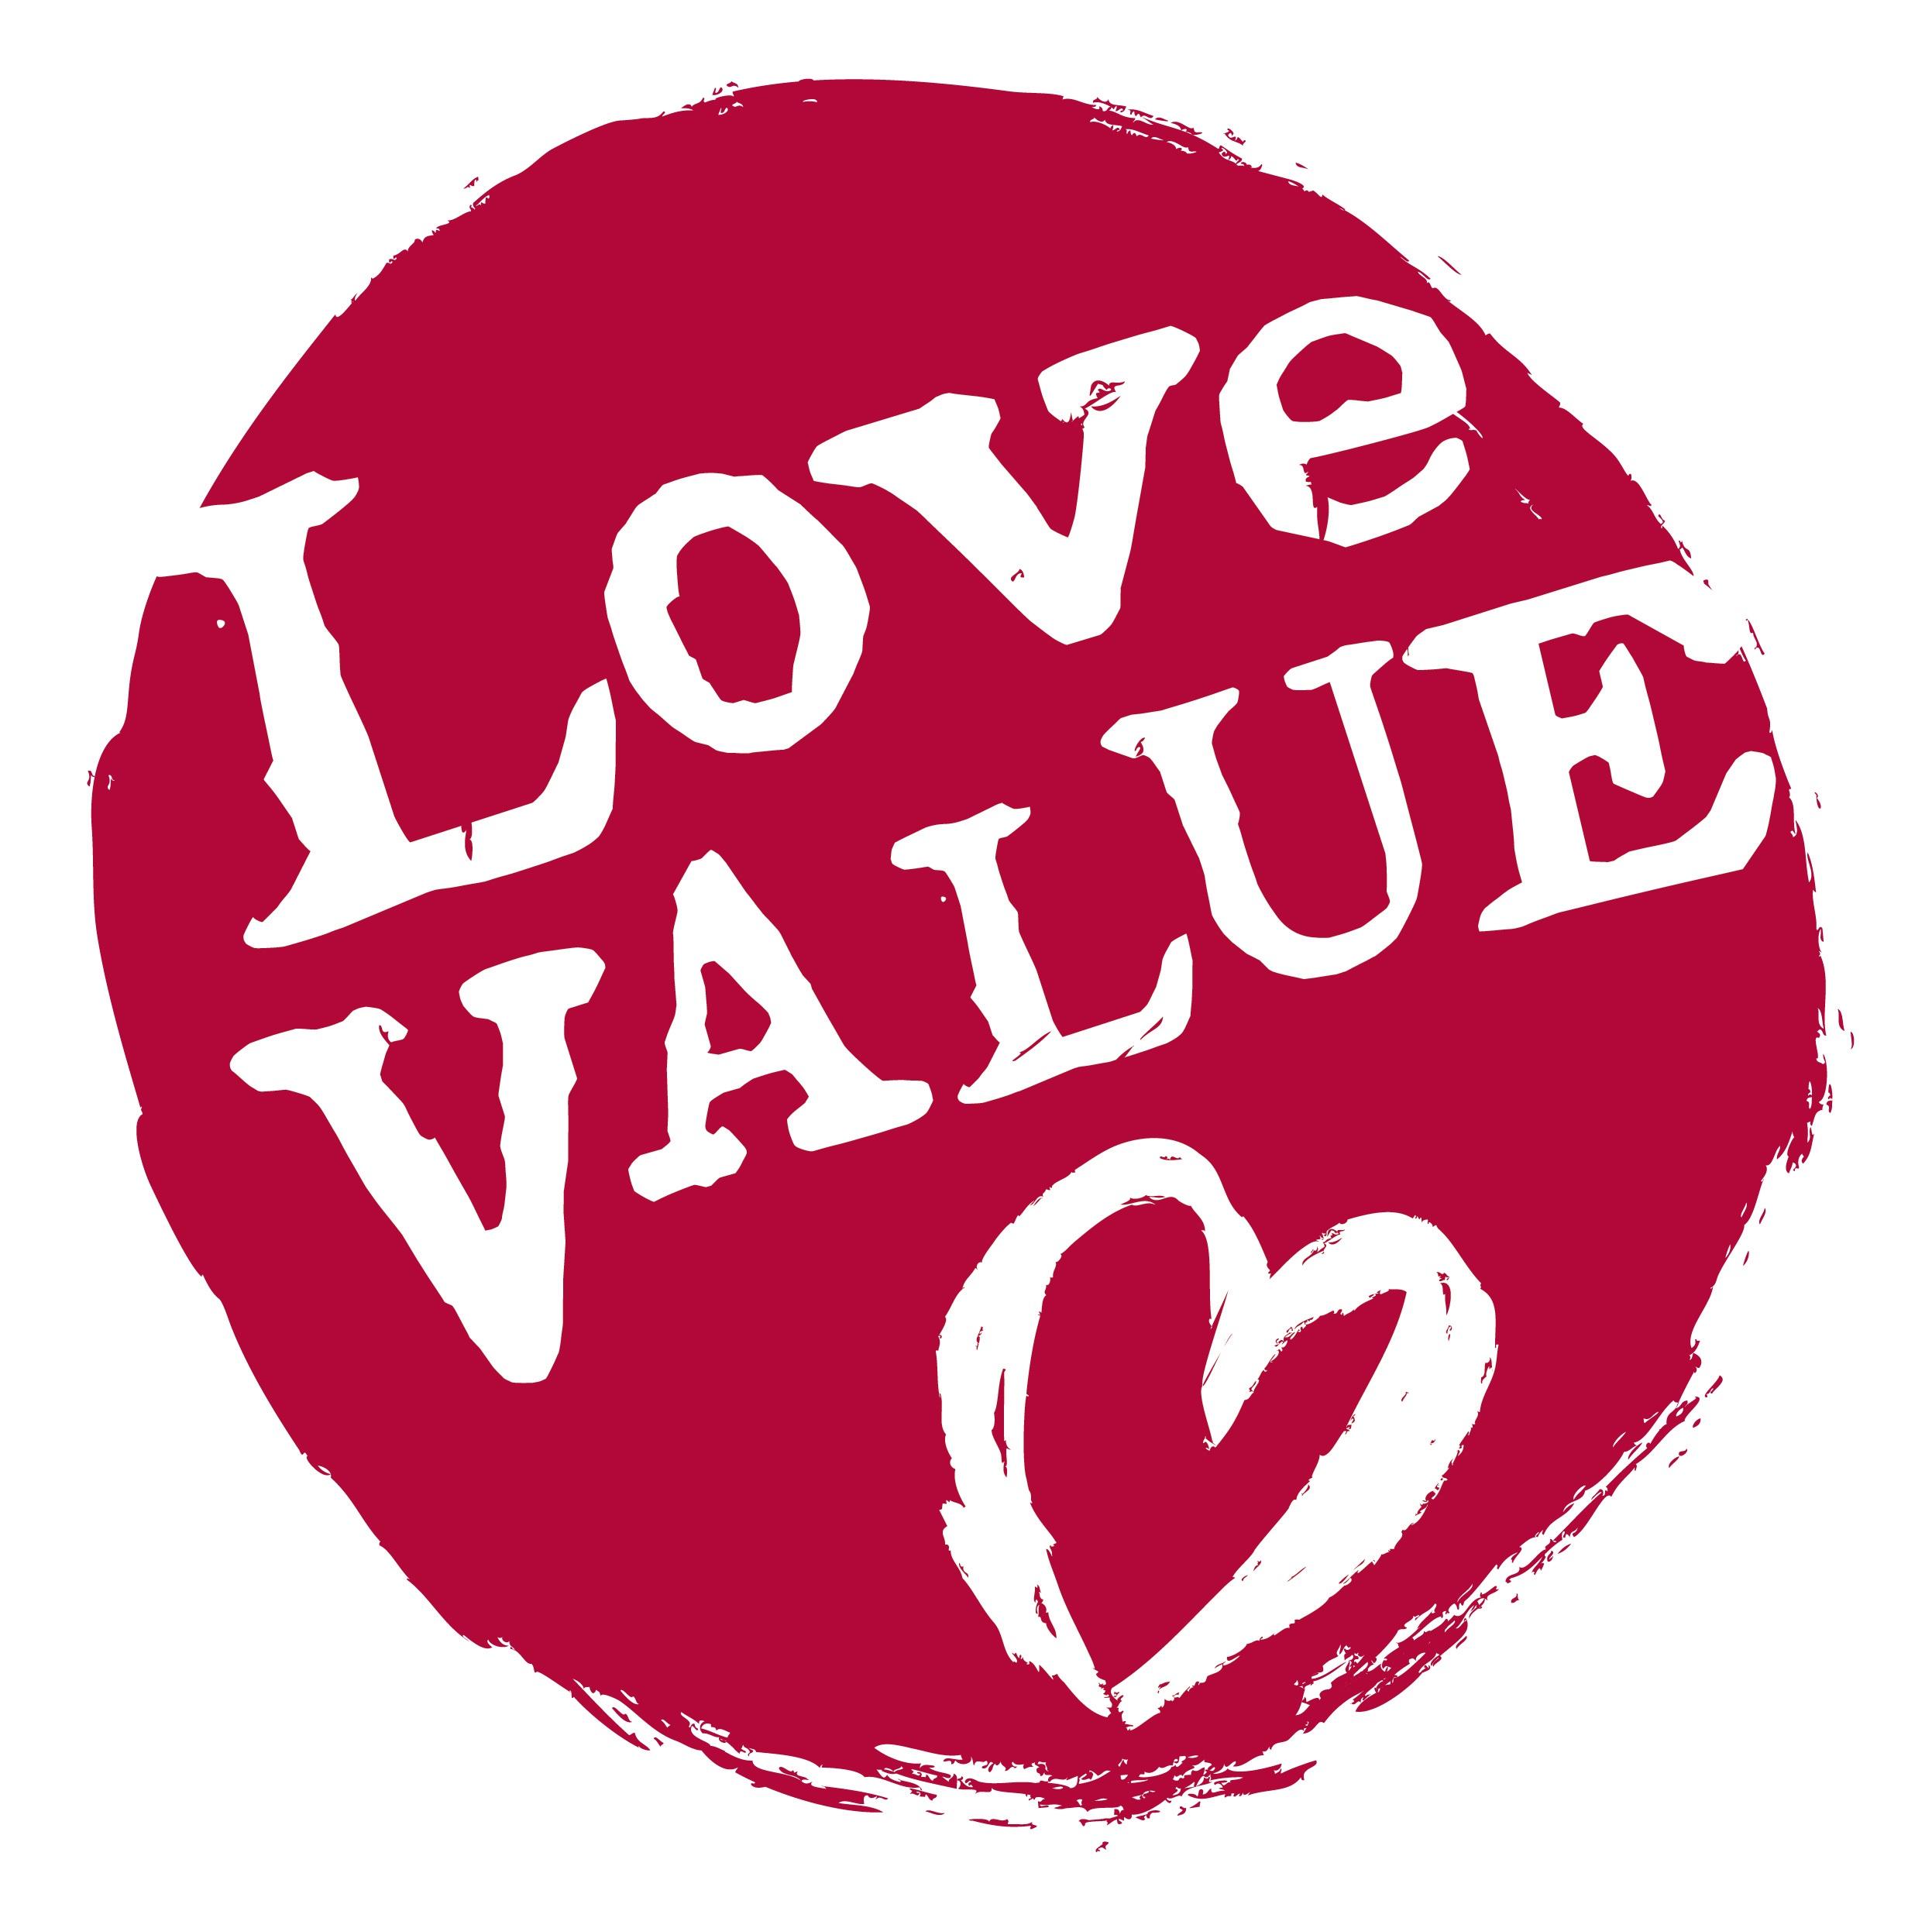 15 + 2 Love Value Promo